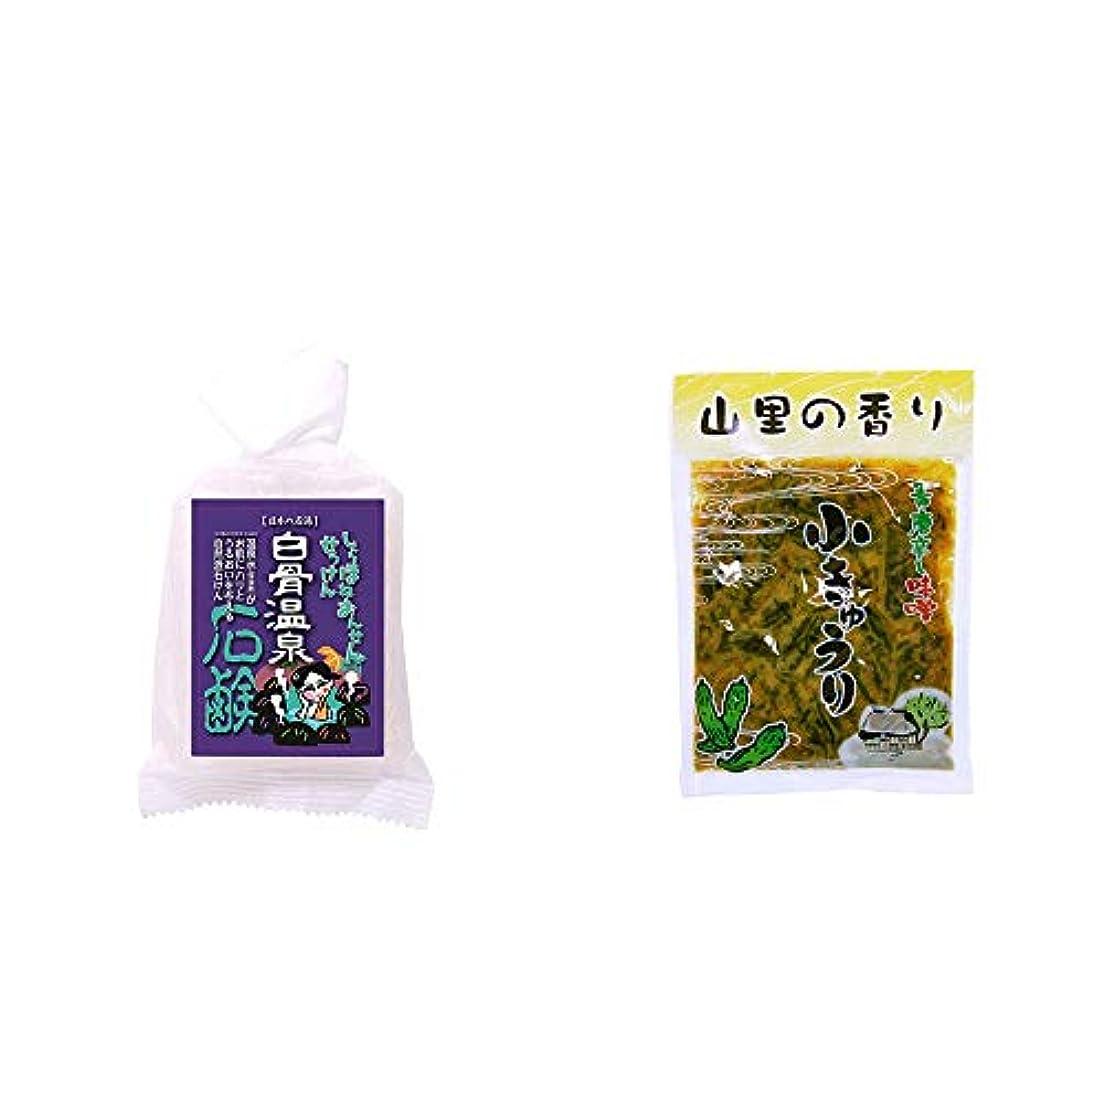 銛封筒補助[2点セット] 信州 白骨温泉石鹸(80g)?山里の香り 青唐辛し味噌 小きゅうり(250g)